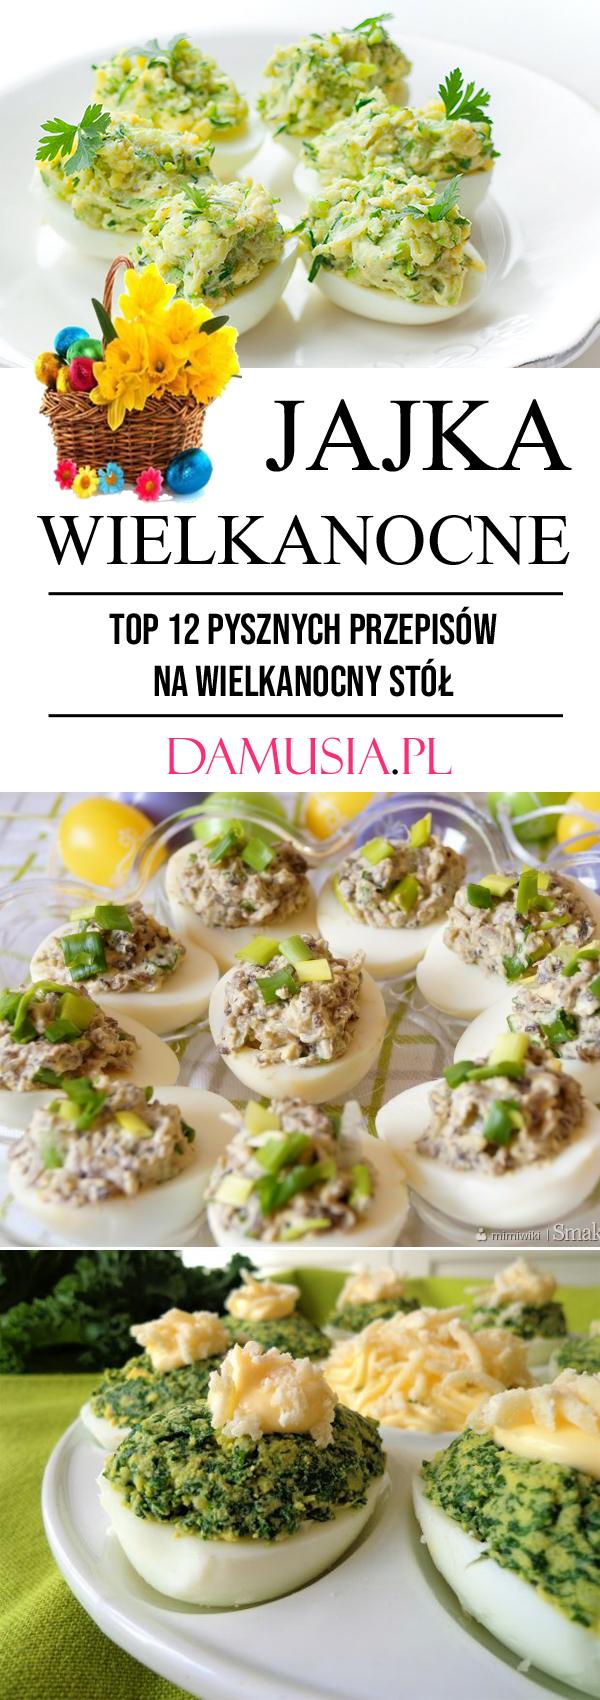 Jajka Wielkanocne Top 12 Pysznych Przepisow Na Przekaski Na